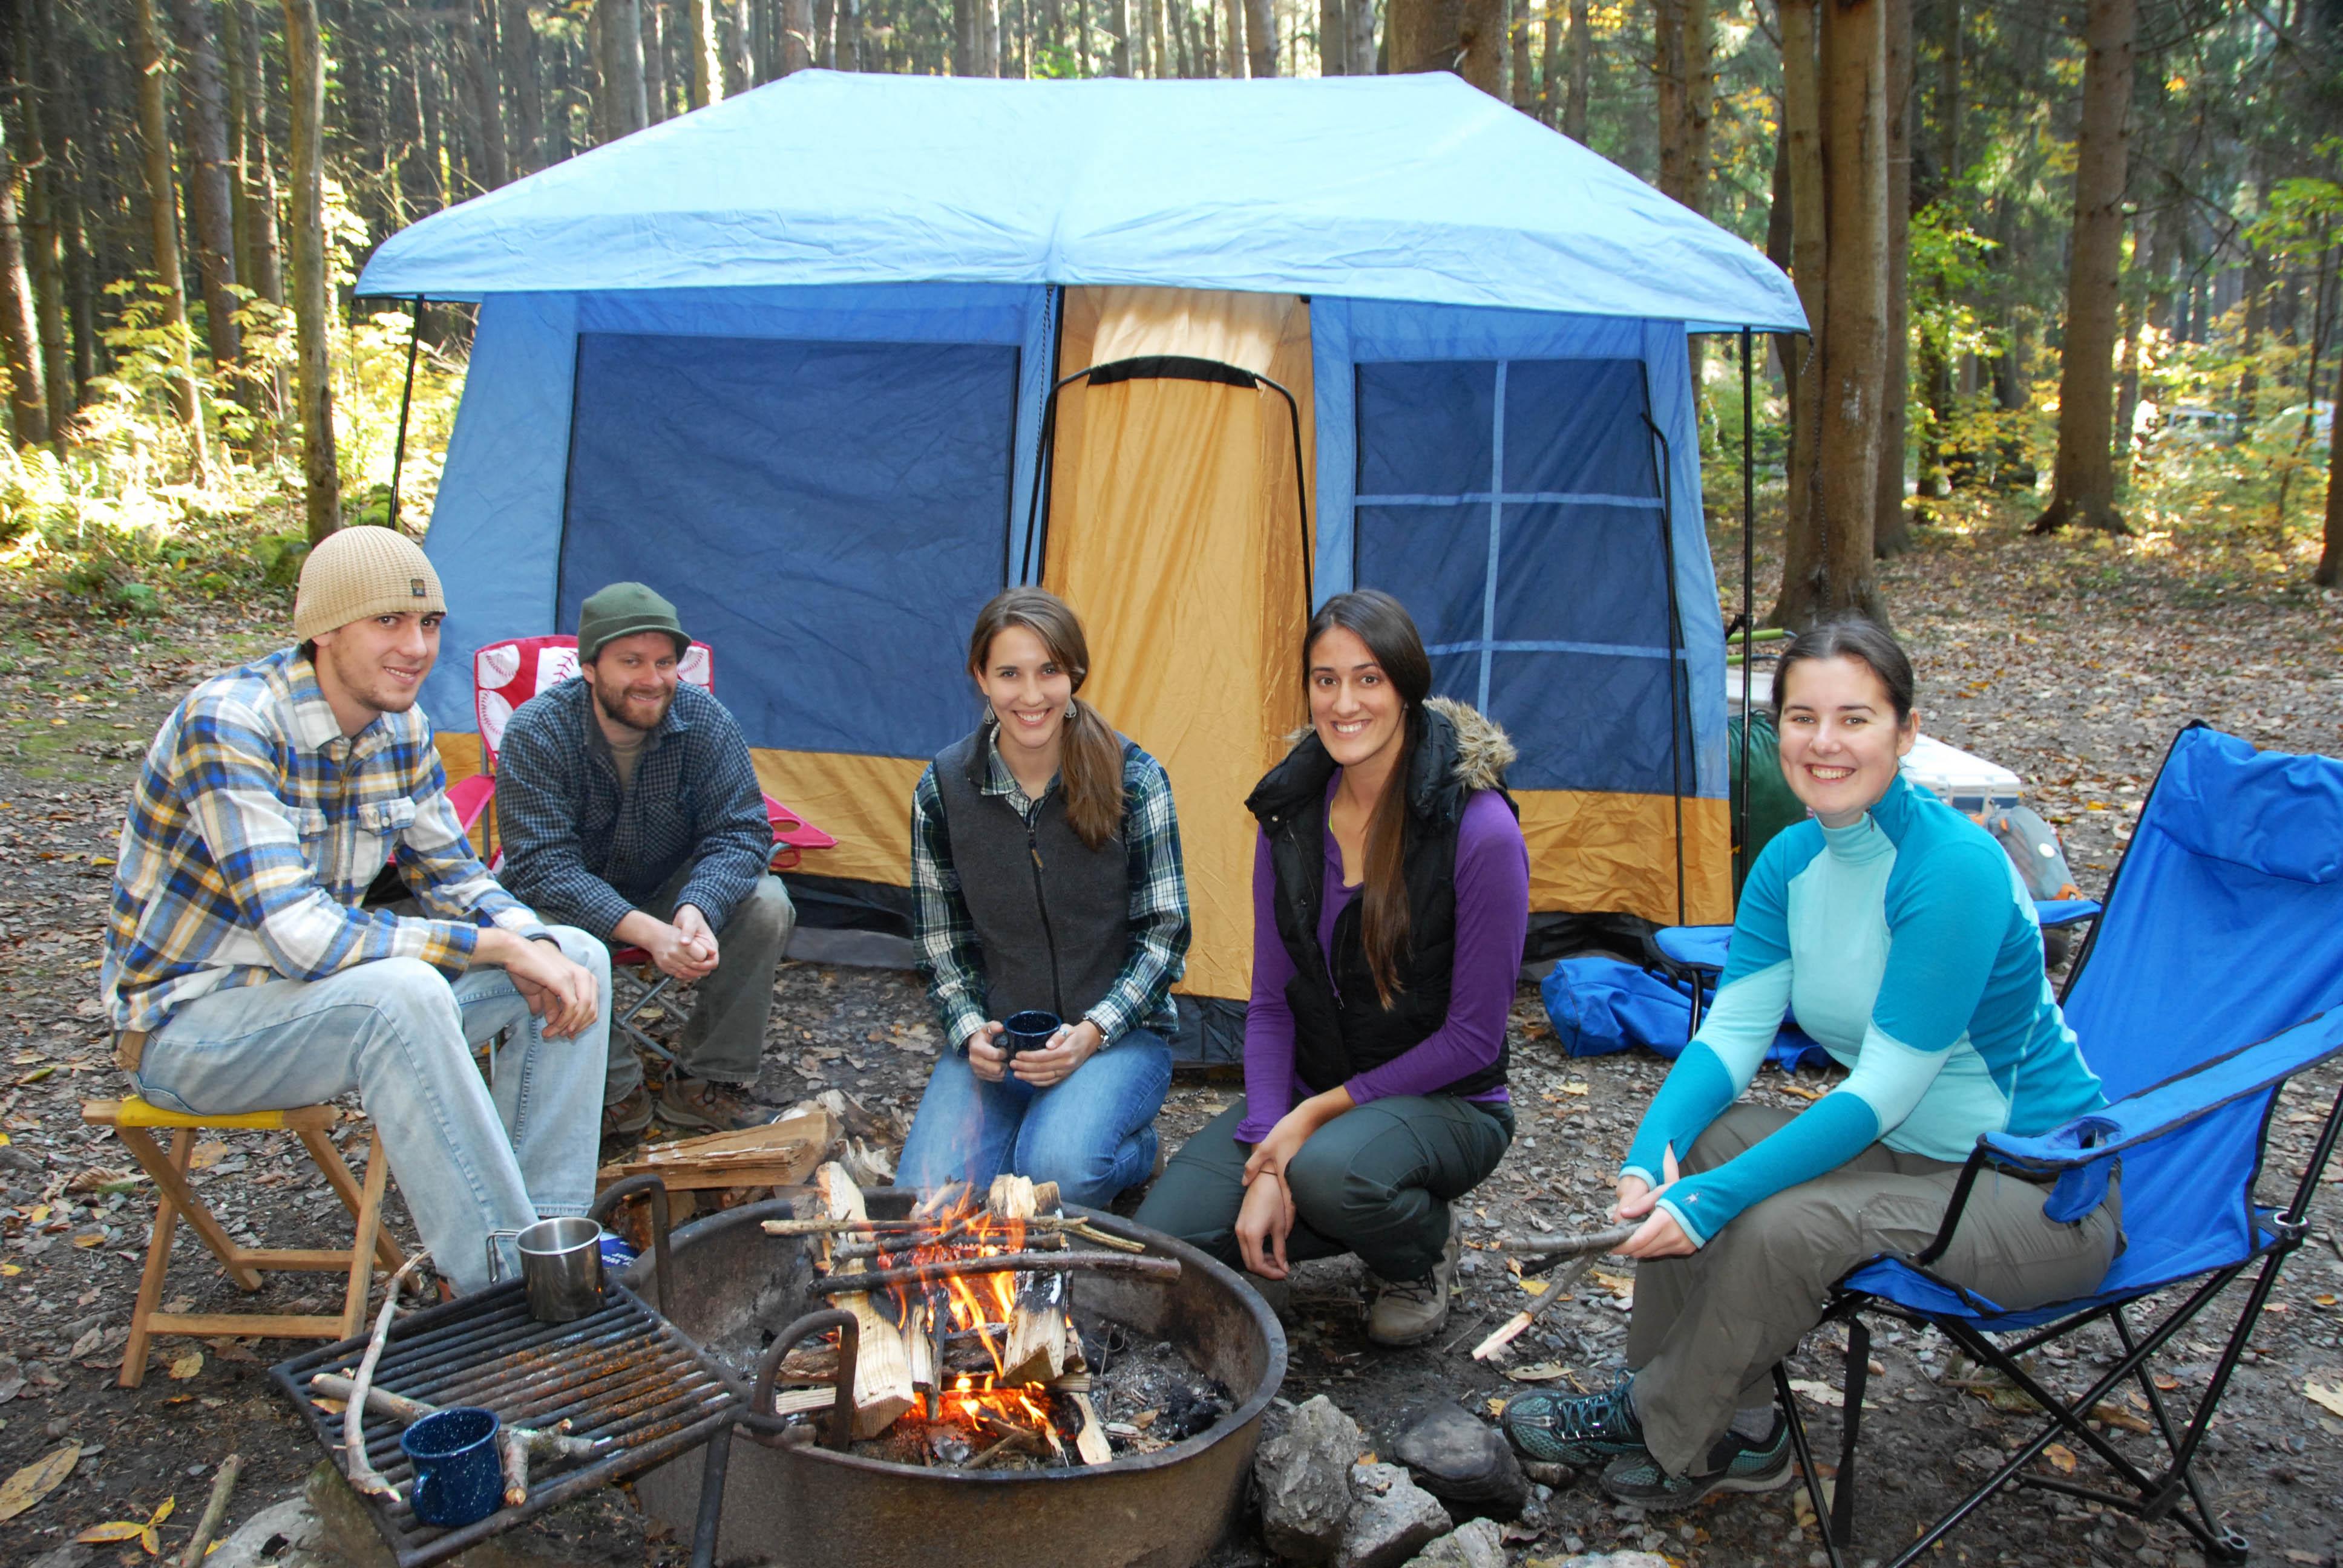 Copake Falls Campers_JR2432email